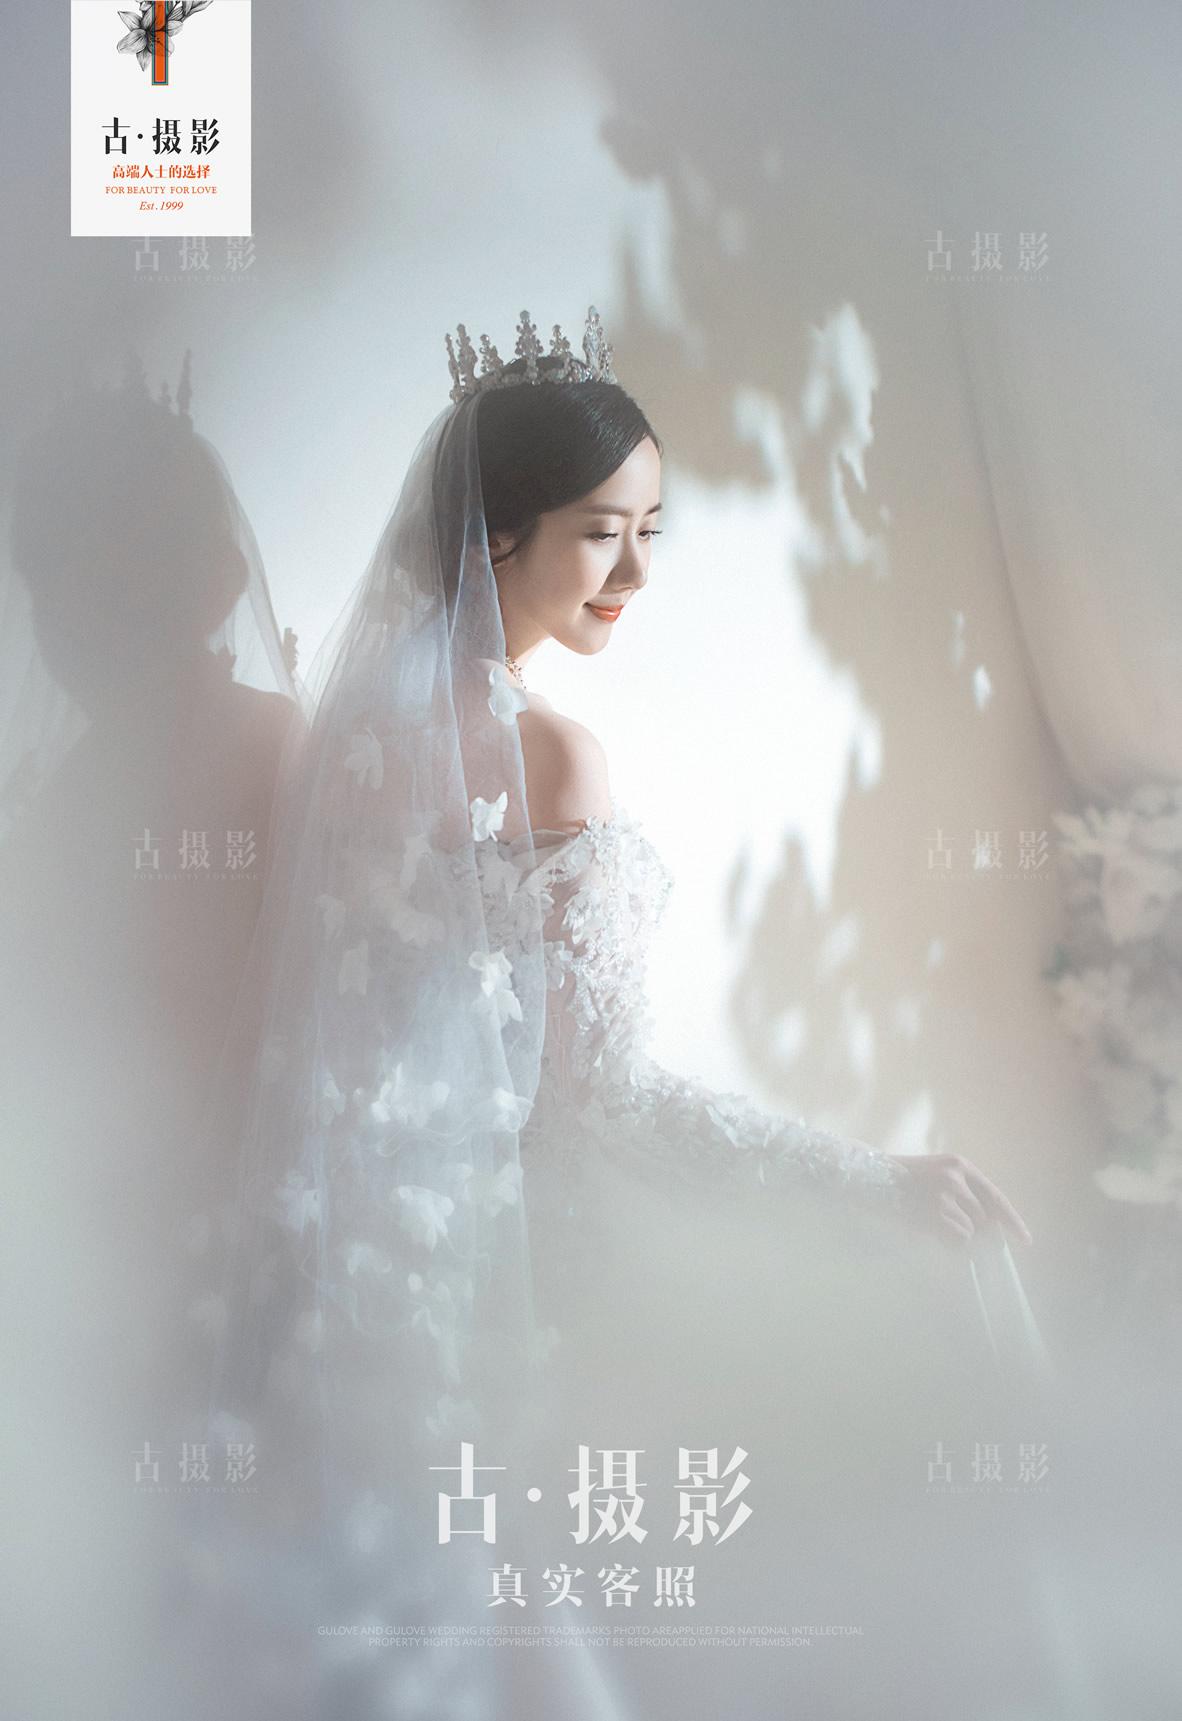 10月10日客片卢先生 曹小姐 - 每日客照 - love上海古摄影-上海婚纱摄影网